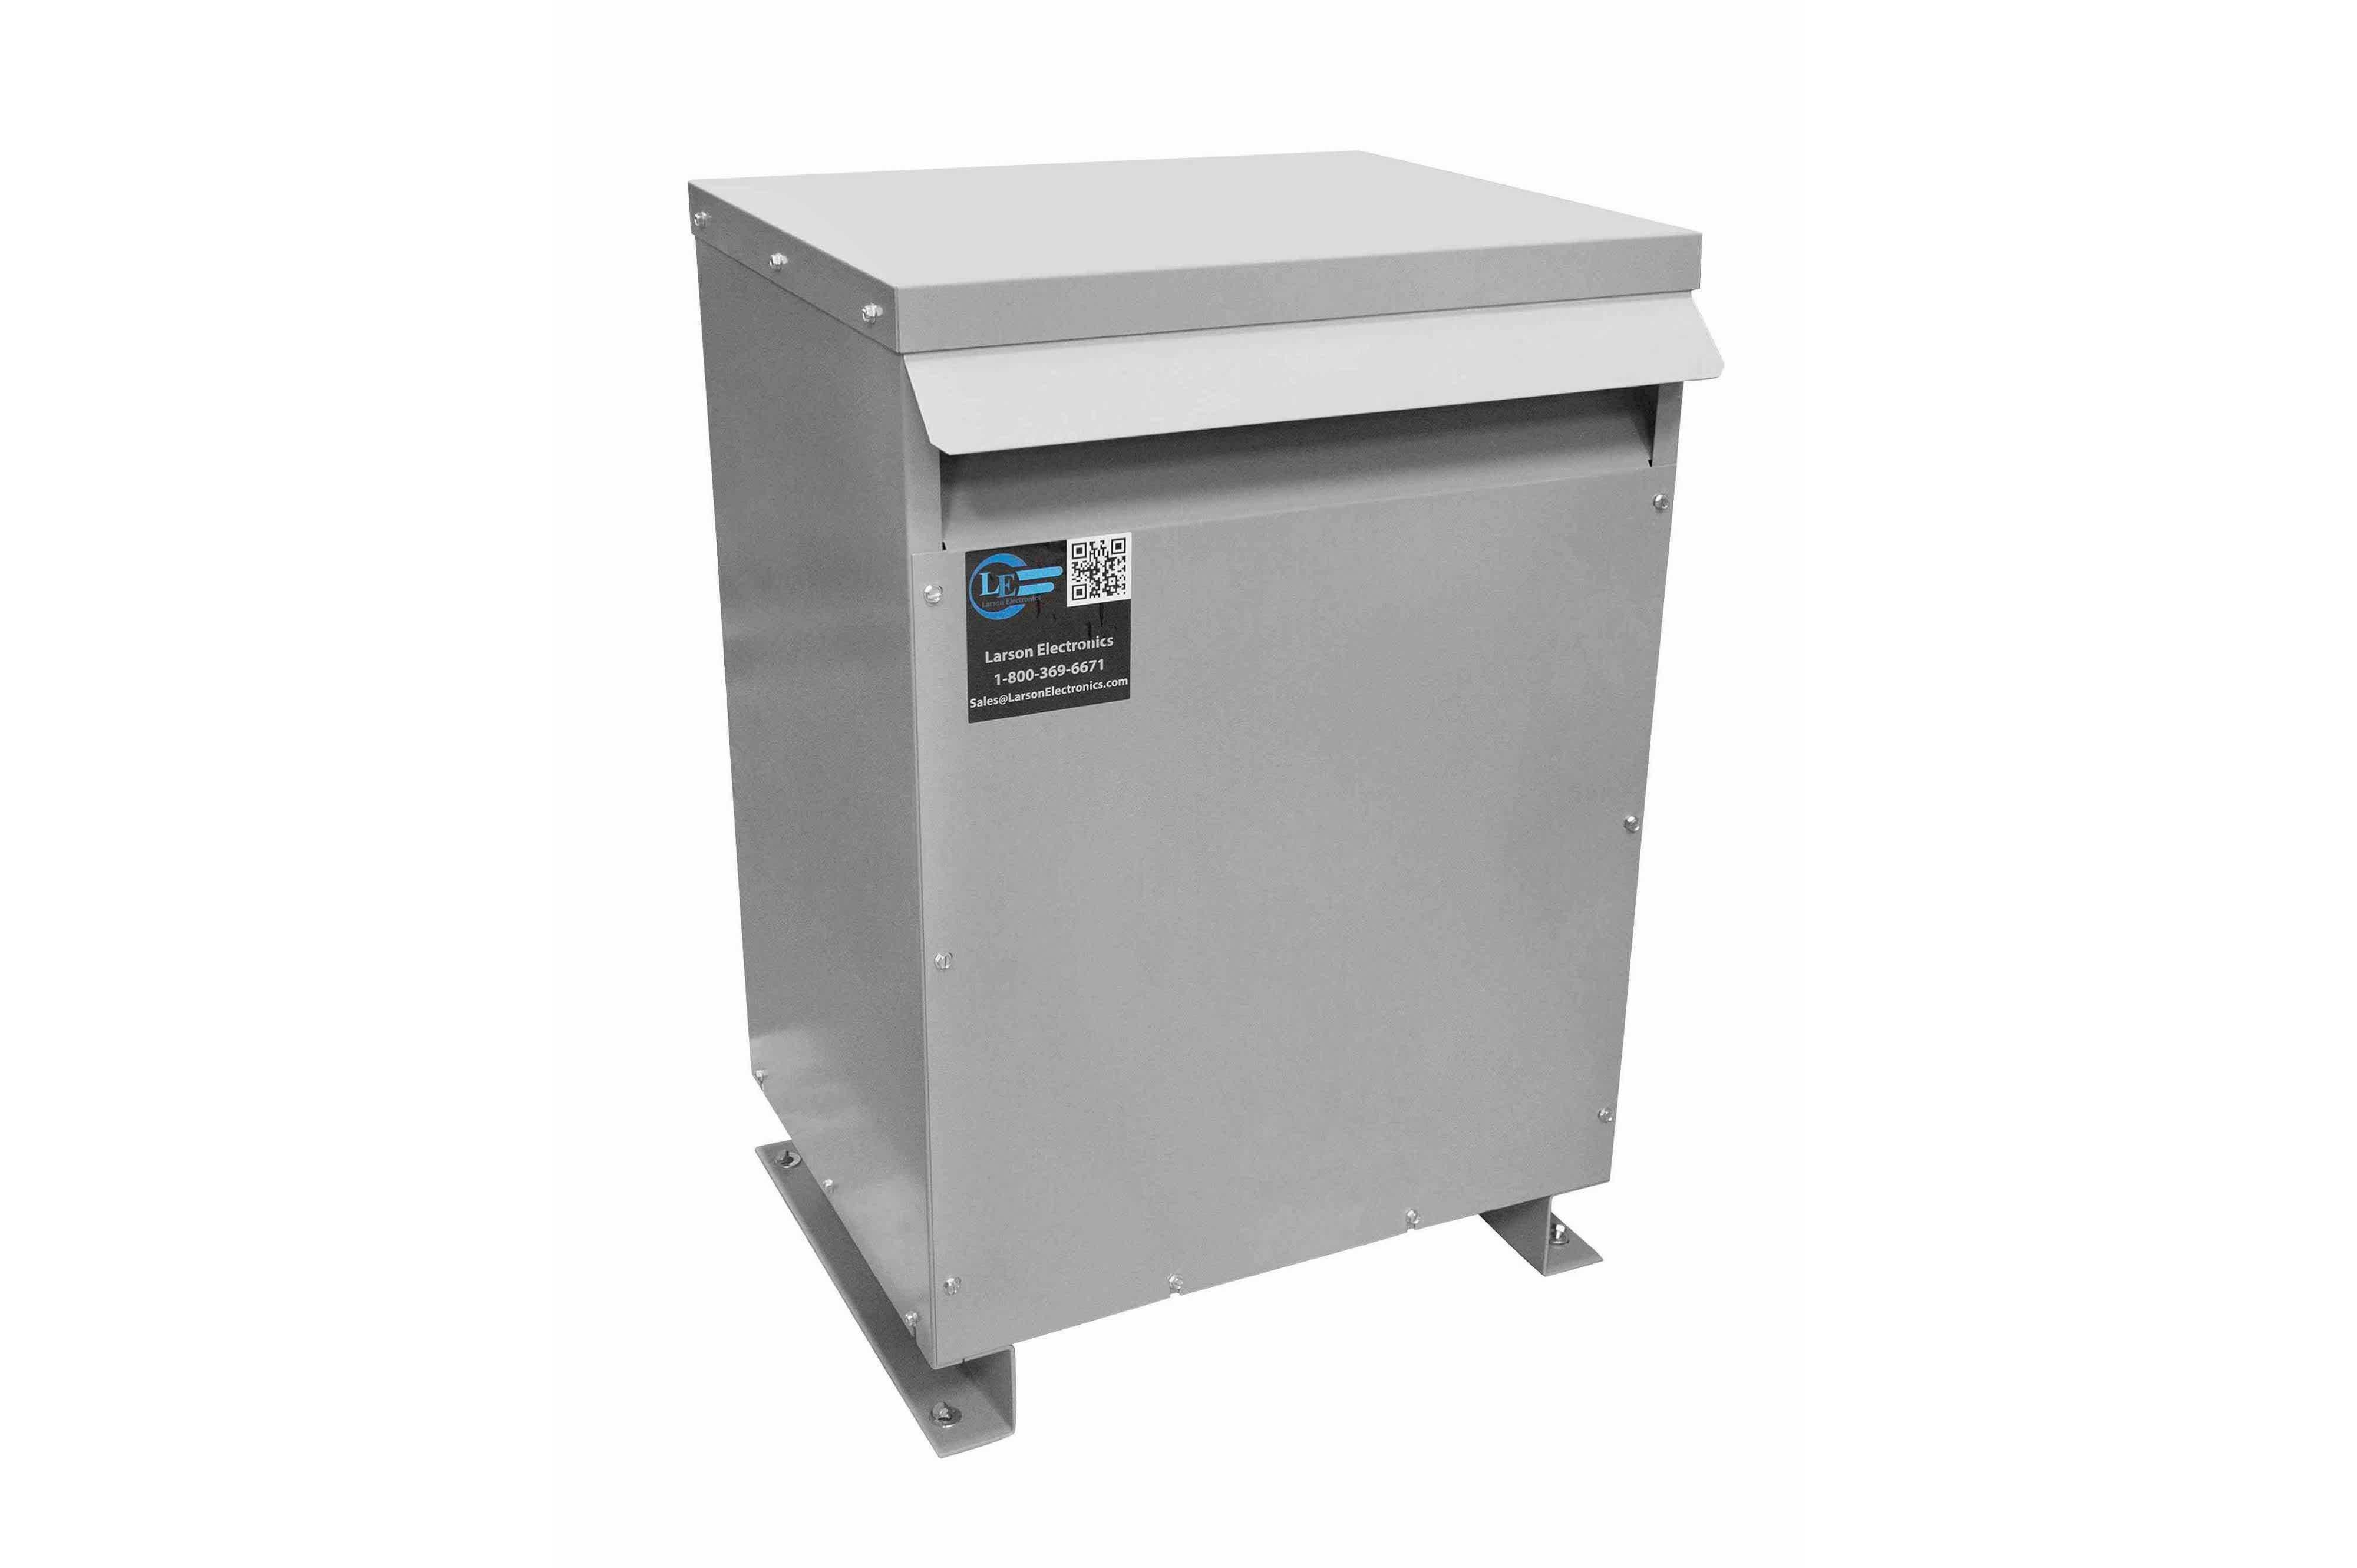 30 kVA 3PH DOE Transformer, 600V Delta Primary, 240V/120 Delta Secondary, N3R, Ventilated, 60 Hz